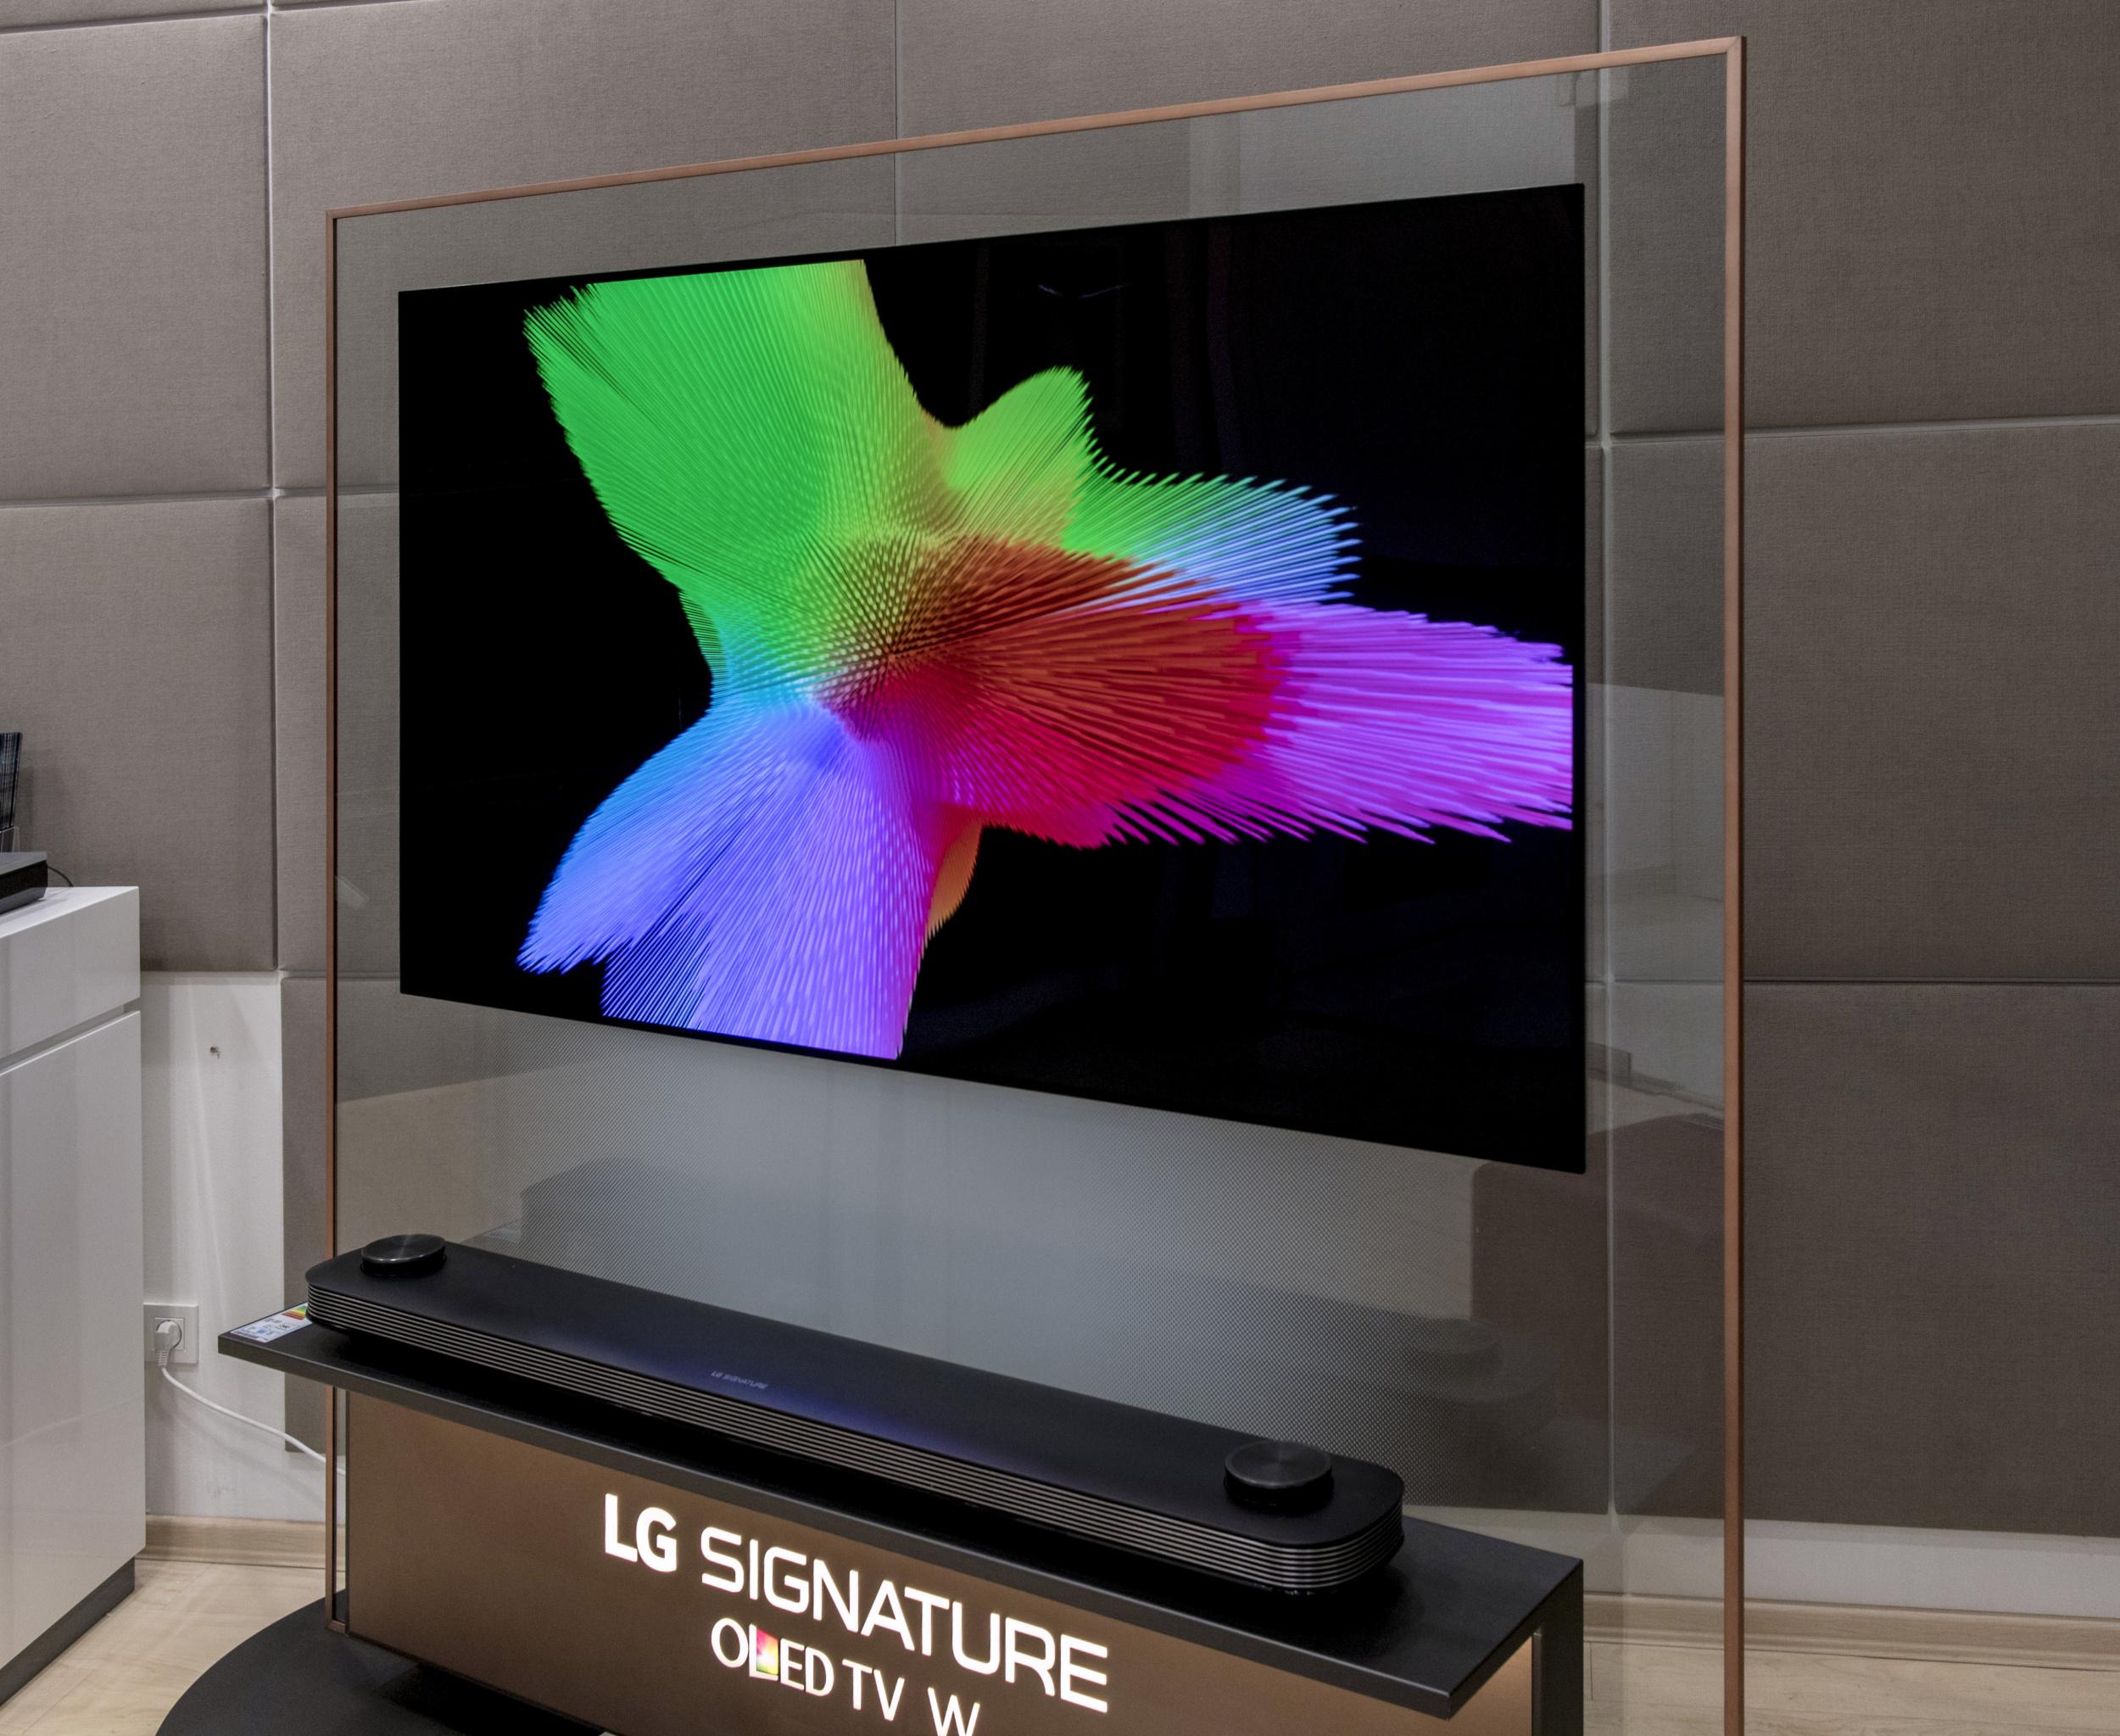 d610f7f5f PC Revue | Recenzia: LG SIGNATURE OLED65W7V: Keď chcete to najlepšie